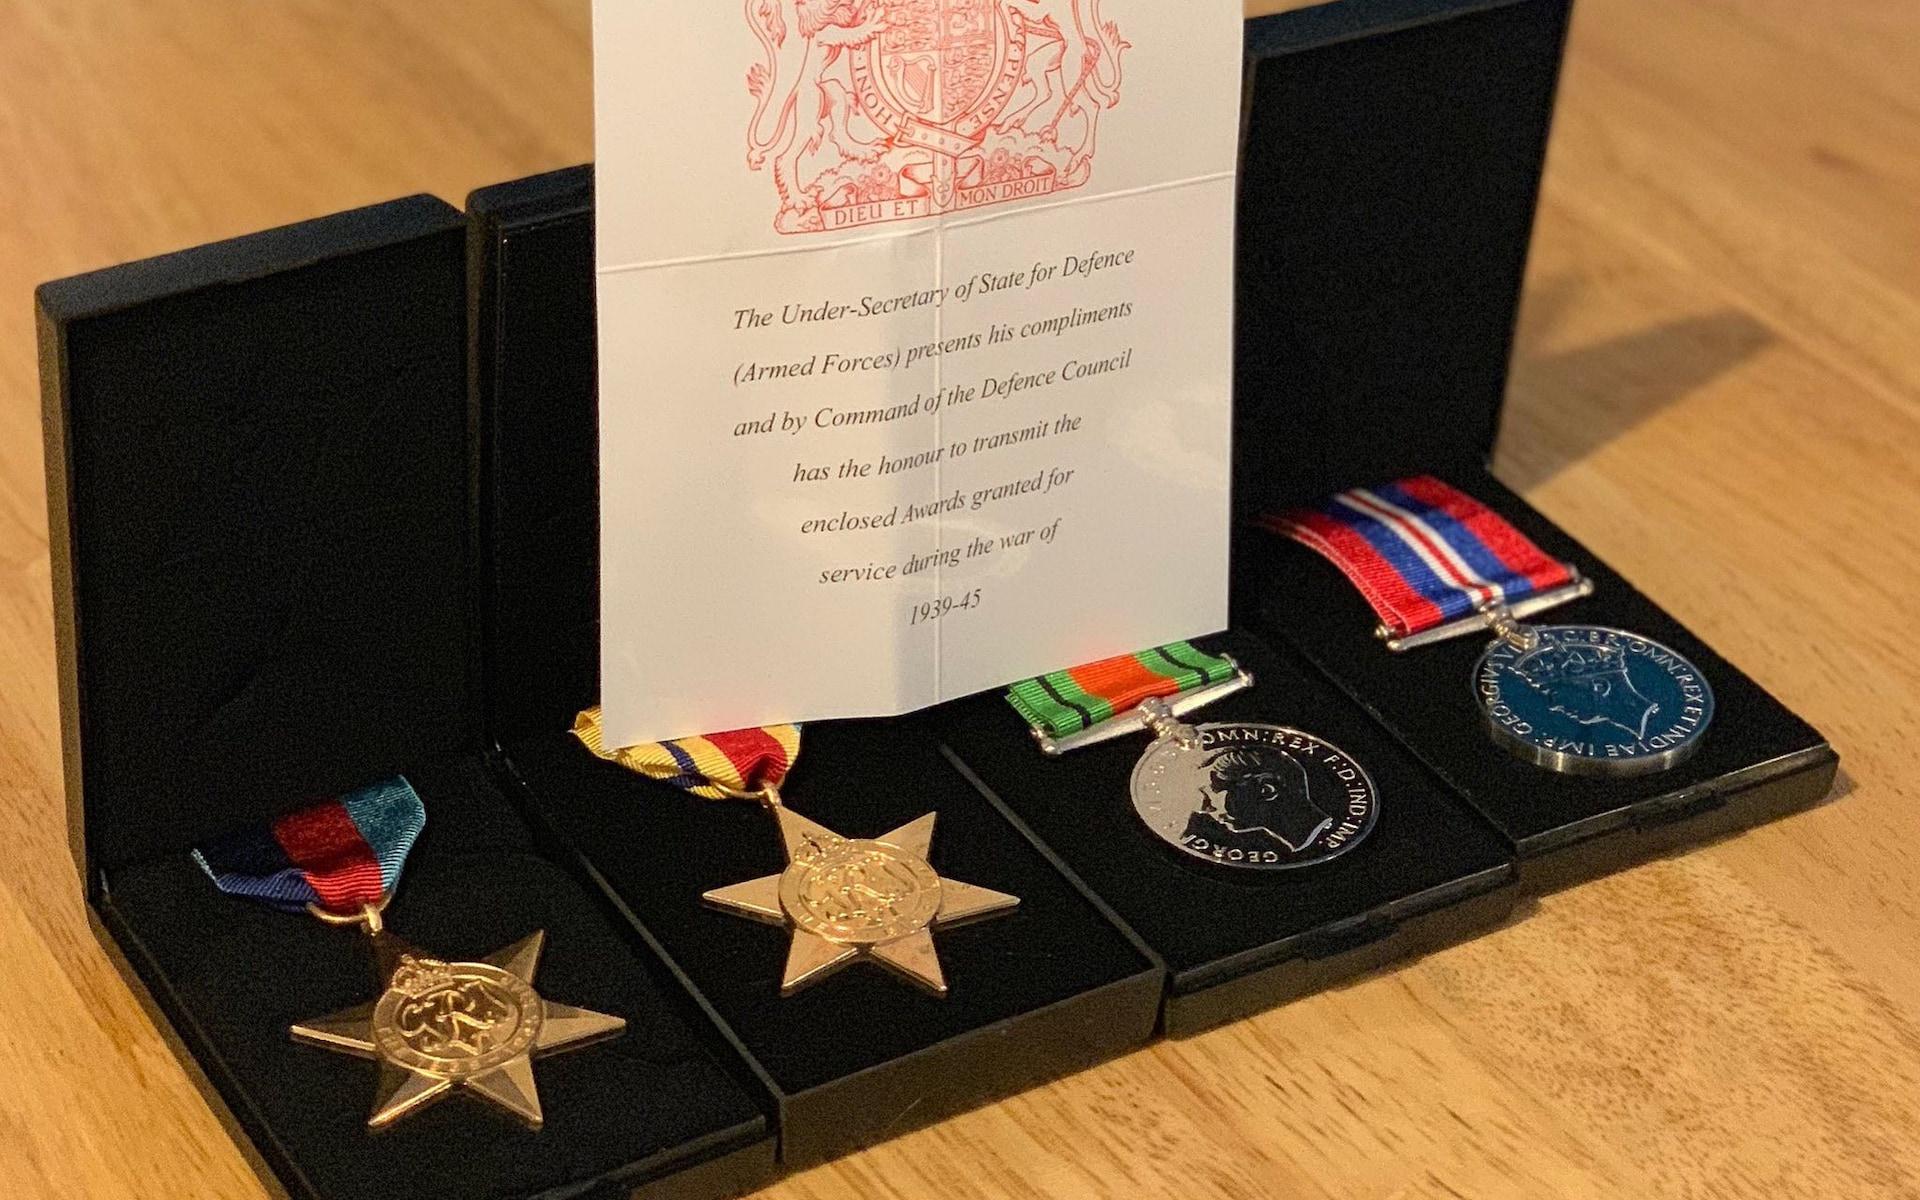 Roald Dahl medals